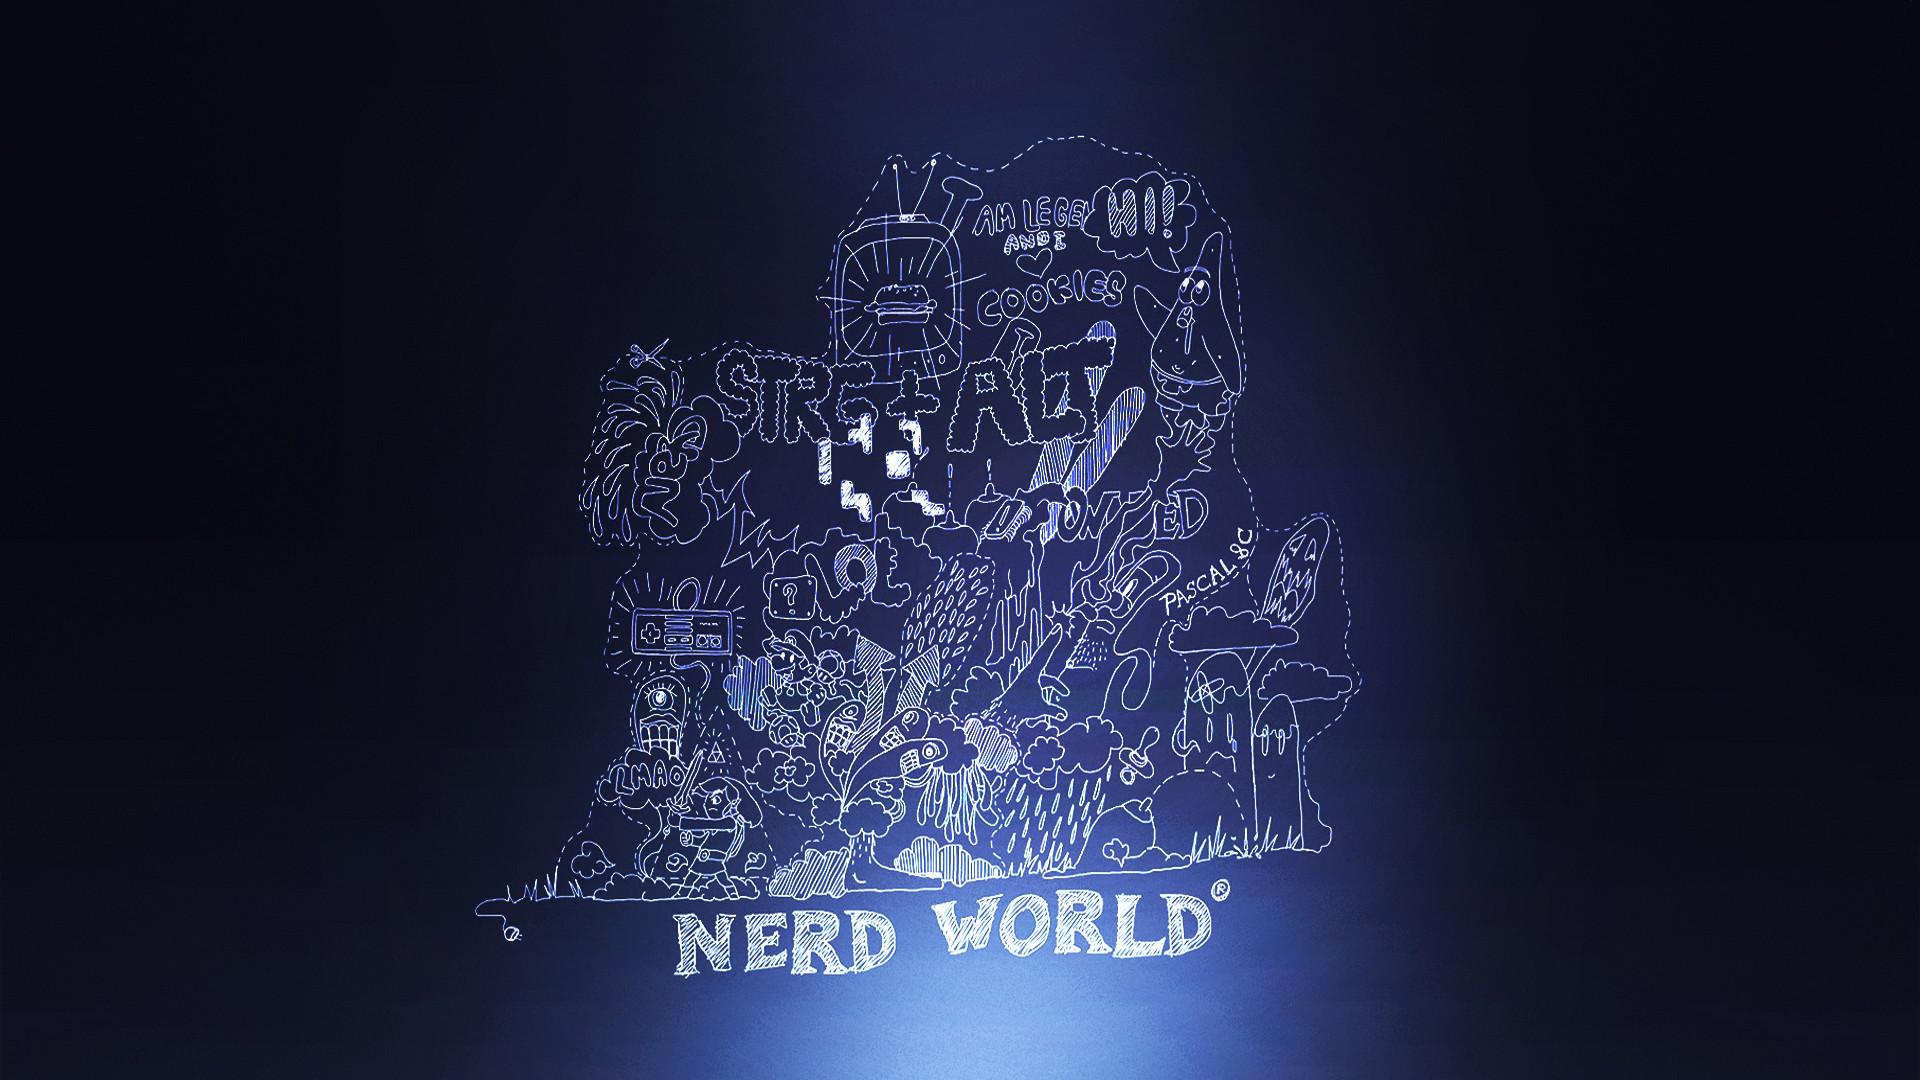 nerd wallpapers hd 75 images